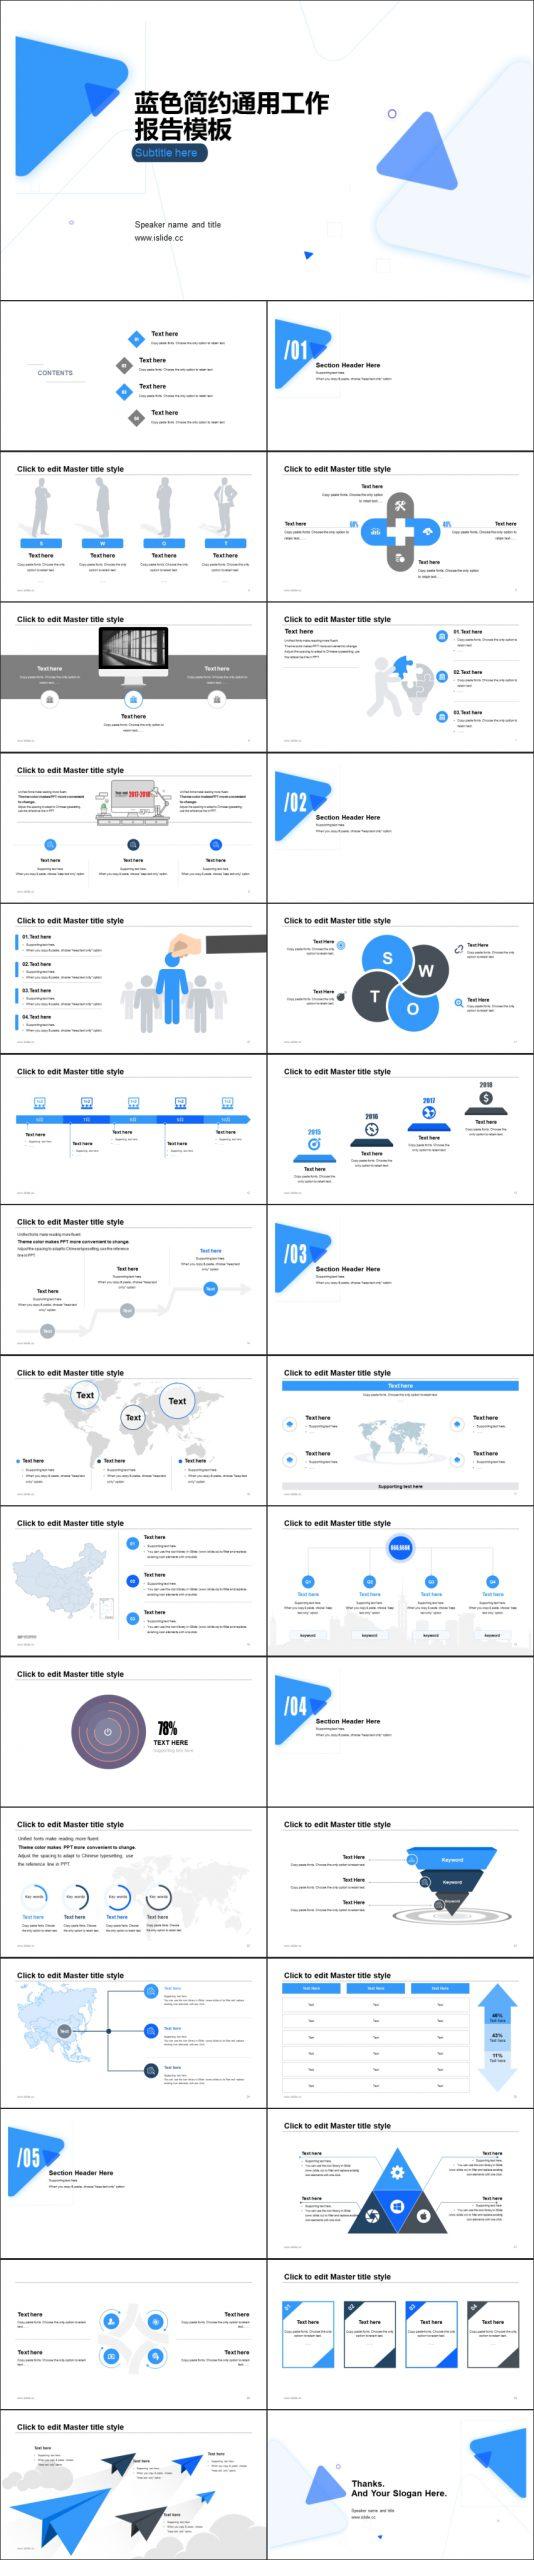 蓝色简约商务风分析报告PPT模板下载_预览图2